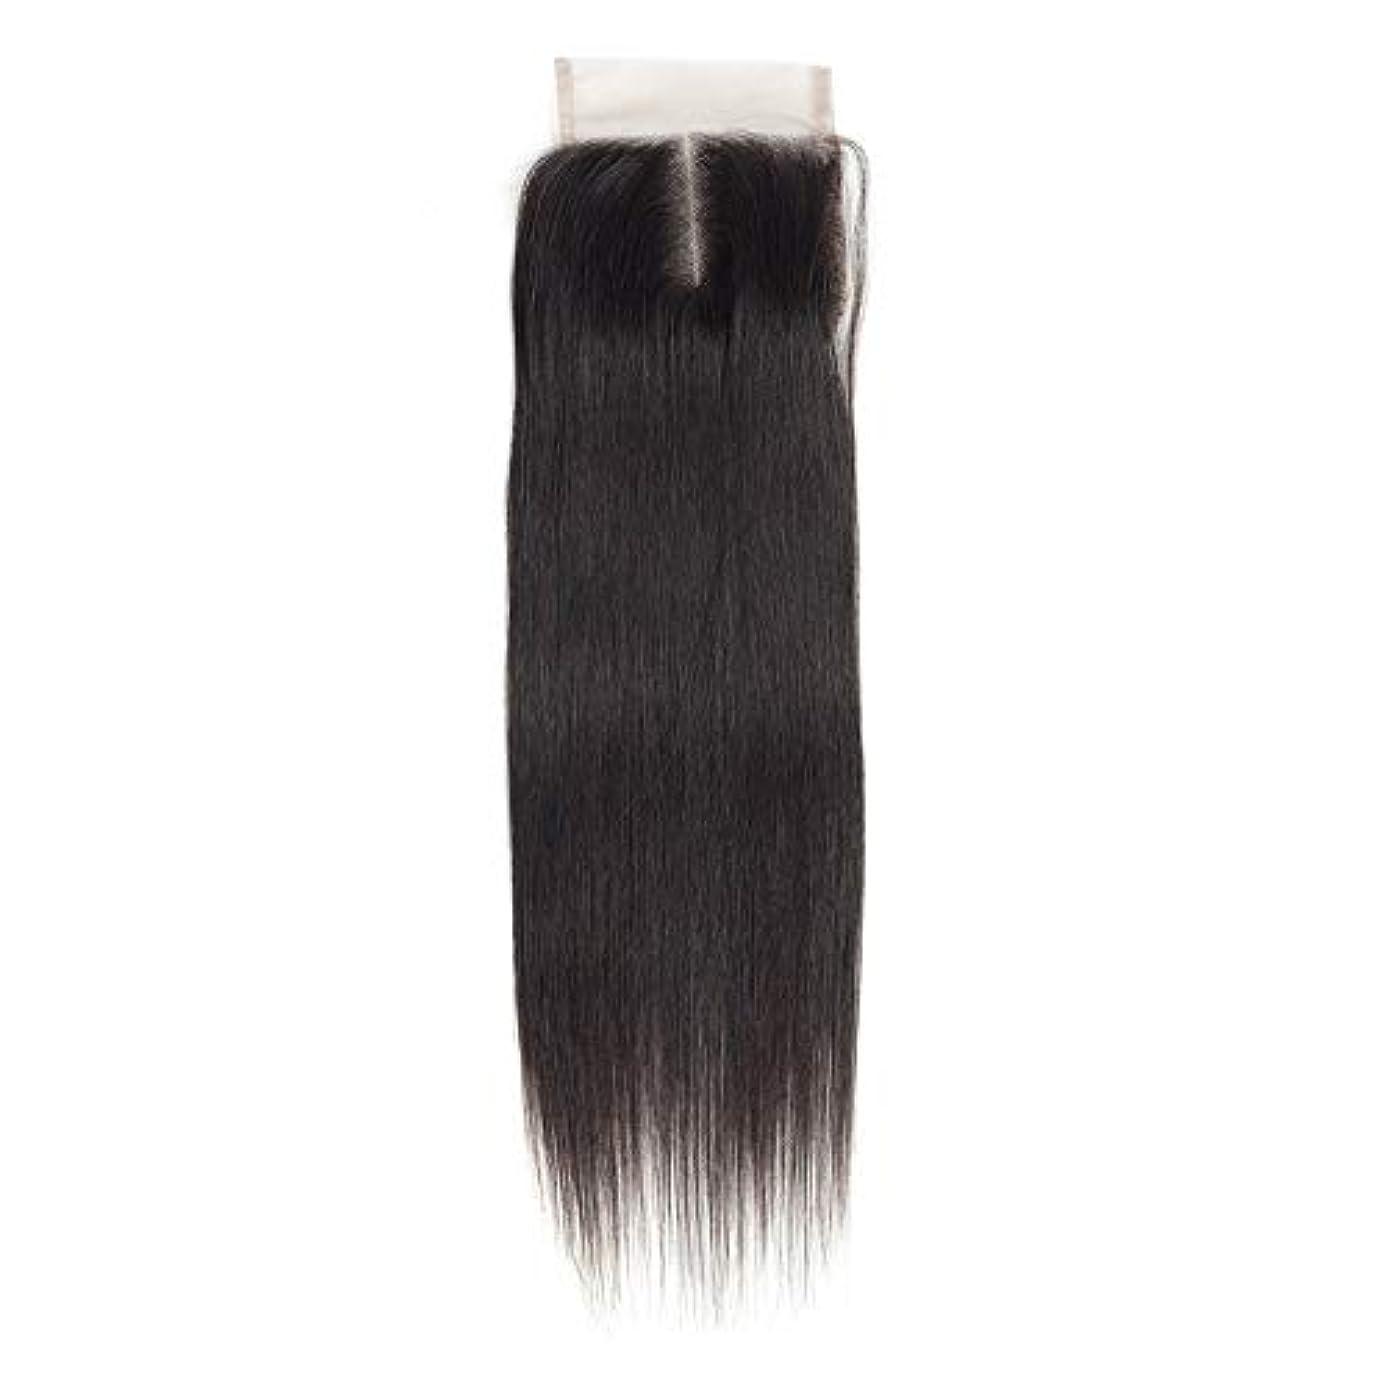 WASAIO 女性のレミー人間ヘアエクステンションクリップのシームレスな髪型4x4のレースフロンタル閉鎖横隔膜パートナチュラルカラー解かの横糸 (色 : 黒, サイズ : 10 inch)